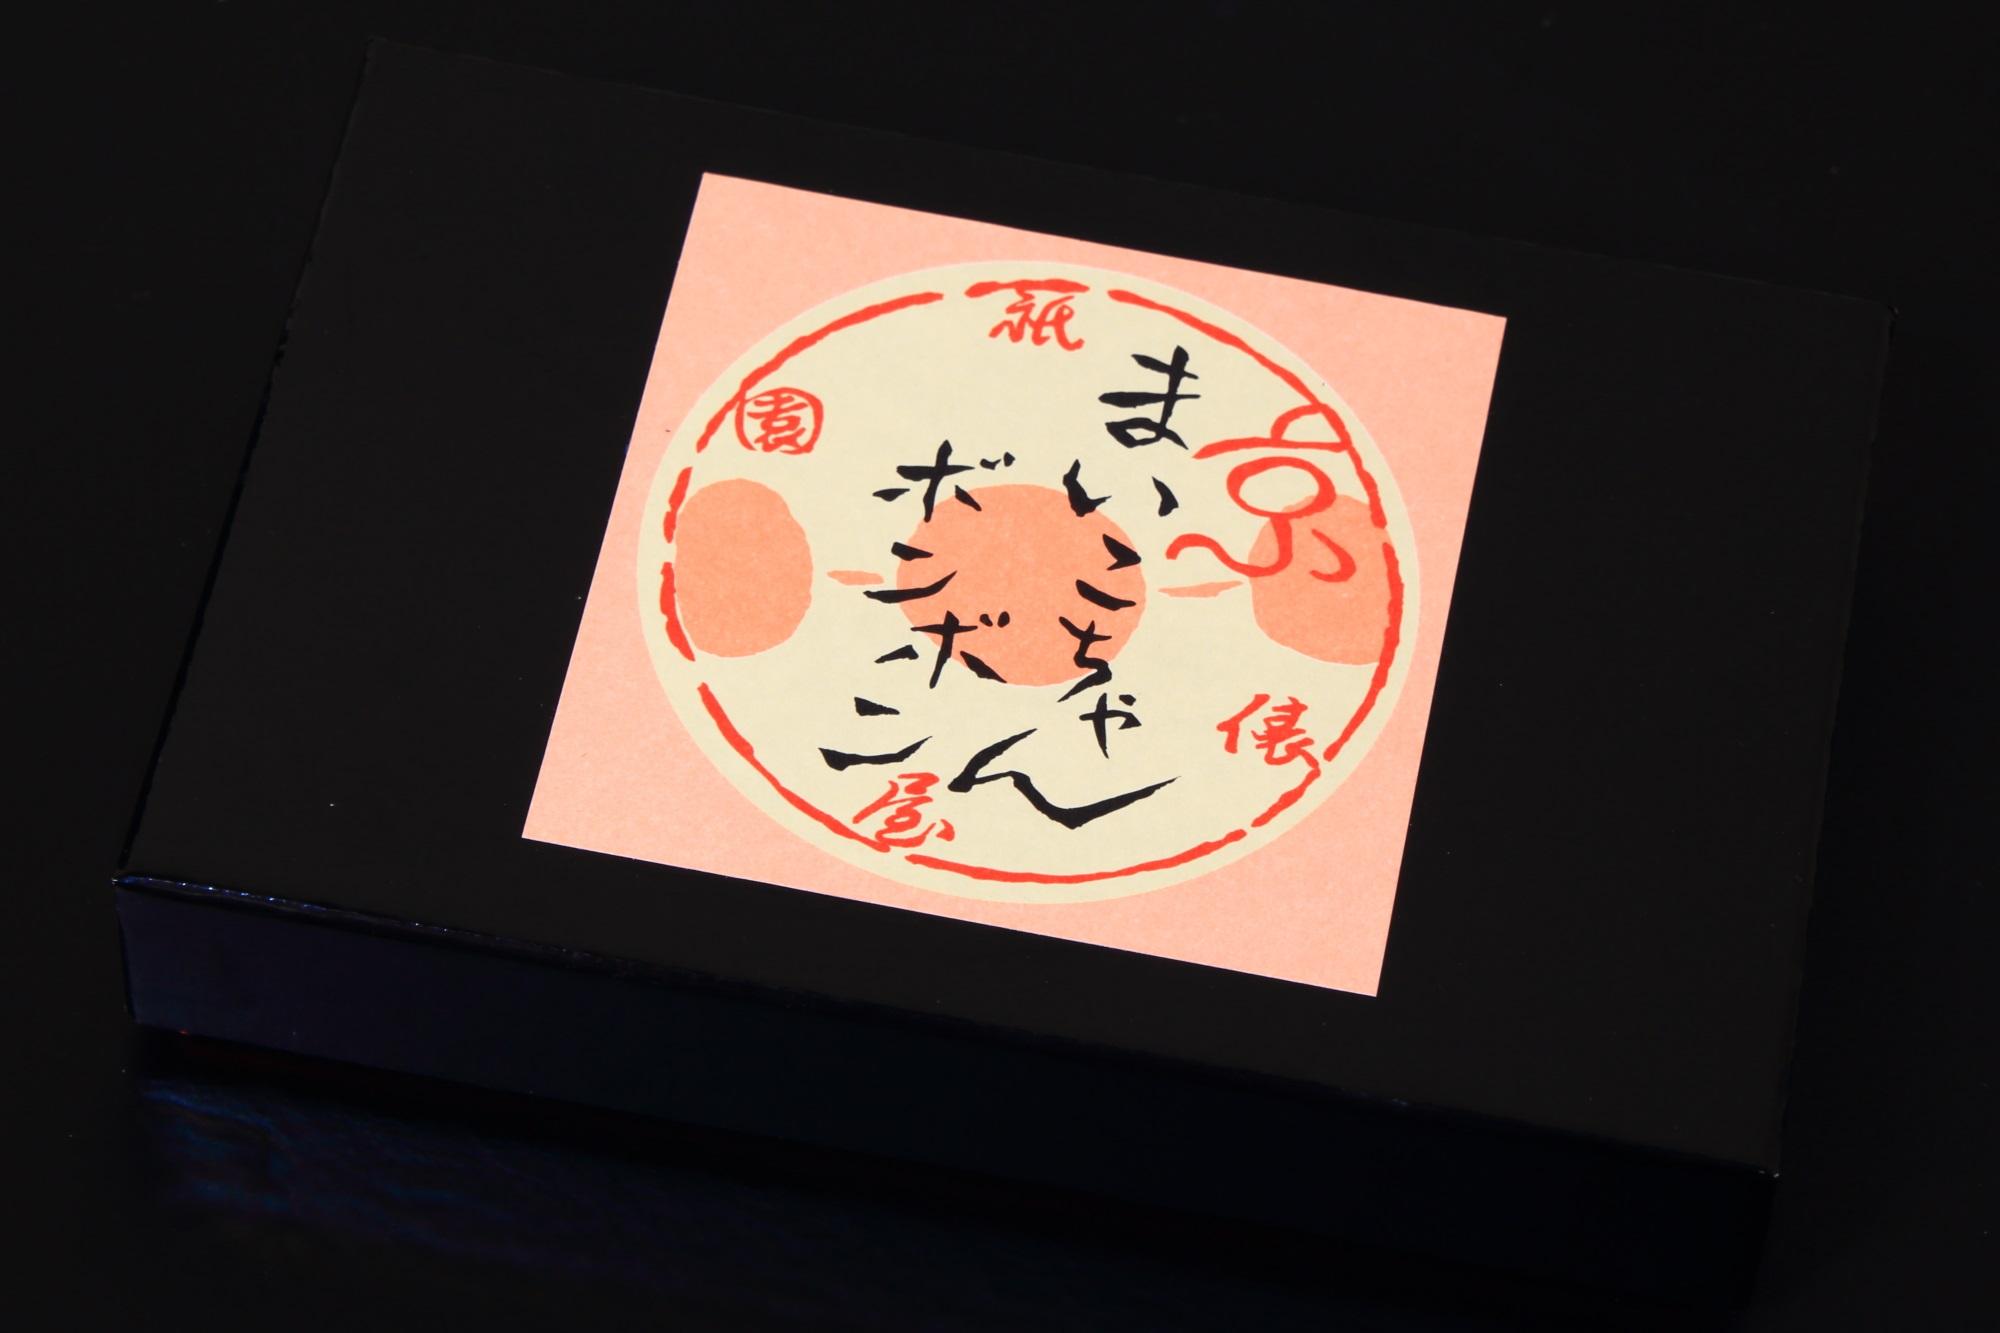 俵屋吉富 祇園店限定の京まいこちゃんボンボン外箱